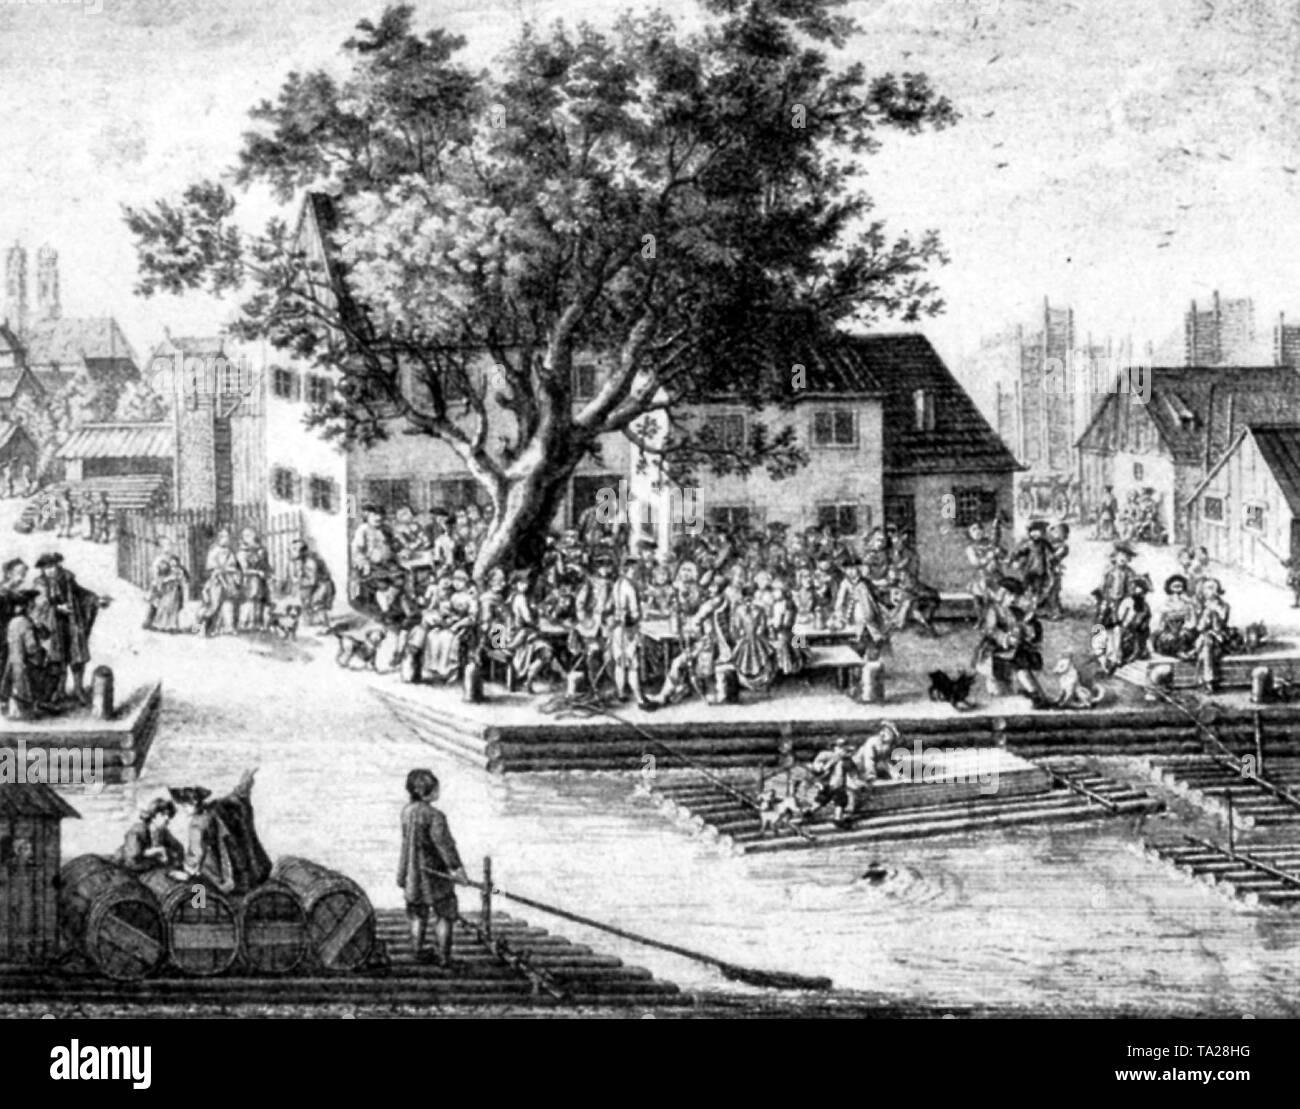 Das Restaurant 'Grüner Baum' (Grüner Baum) auf der Isar in München. Kupferstich aus dem Jahr 1767. Stockbild